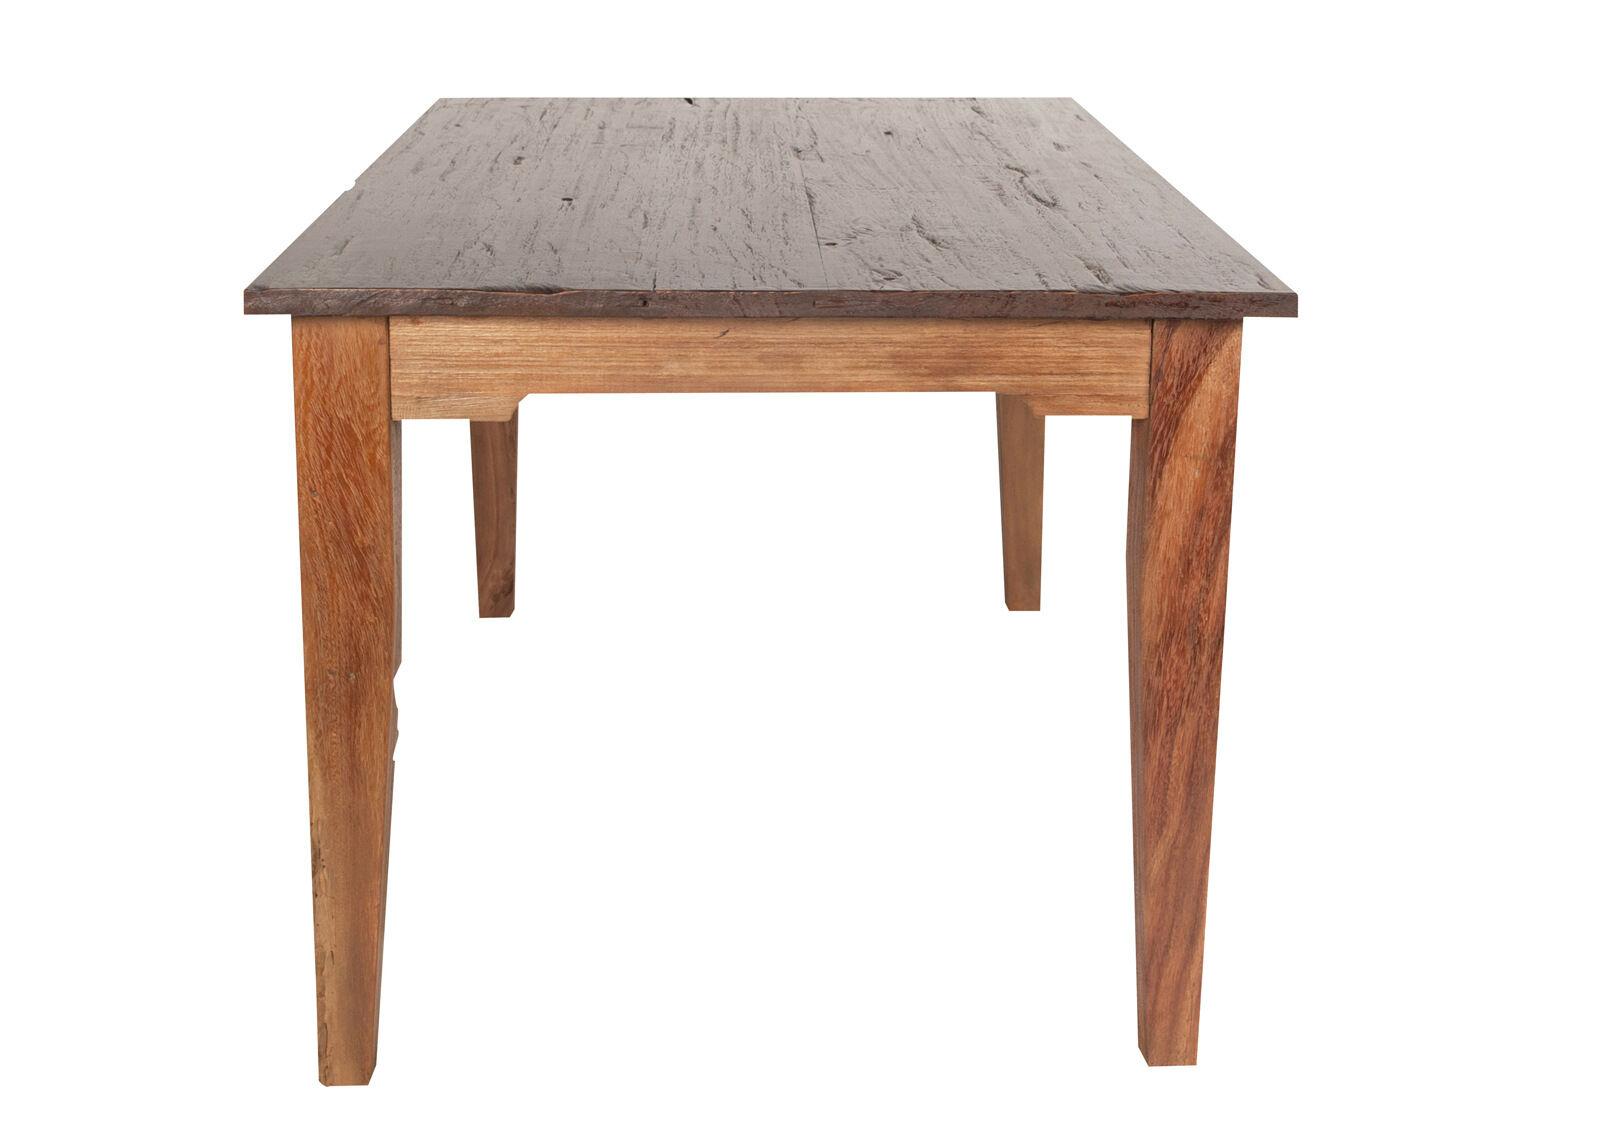 SIT Möbel Ruokapöytä SEADRIFT 160x90 cm